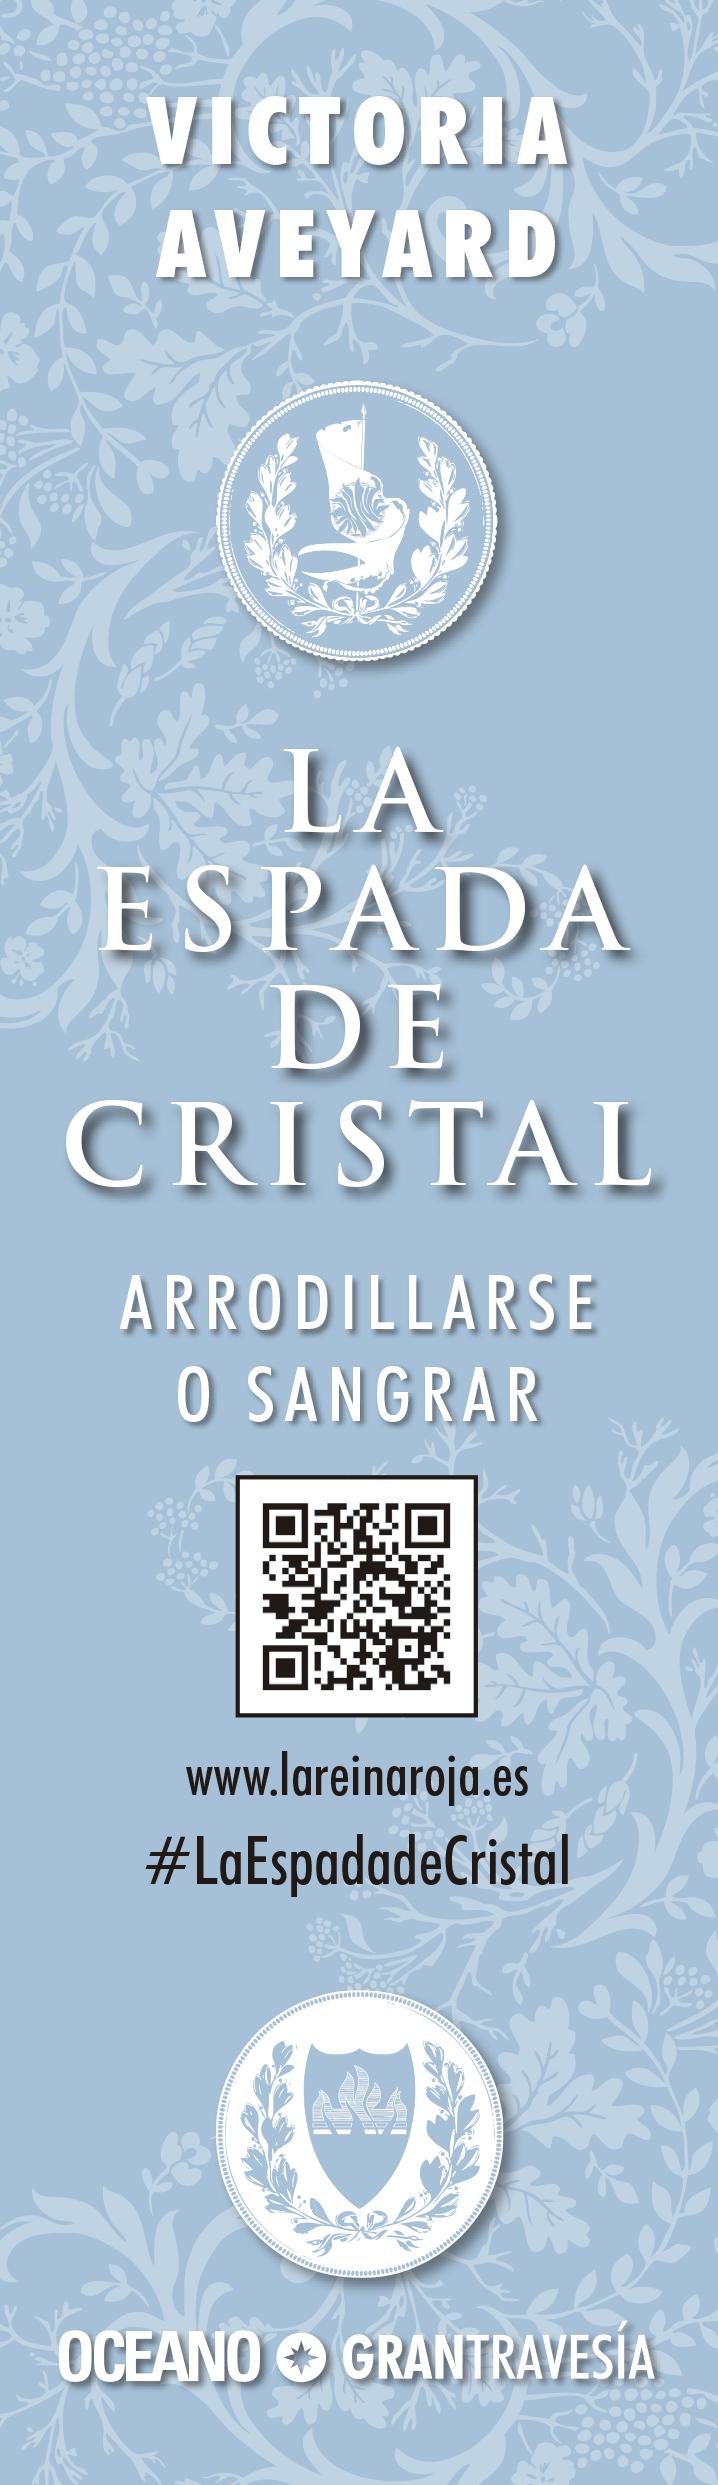 EspadaCristal_MarcaPaginas 3